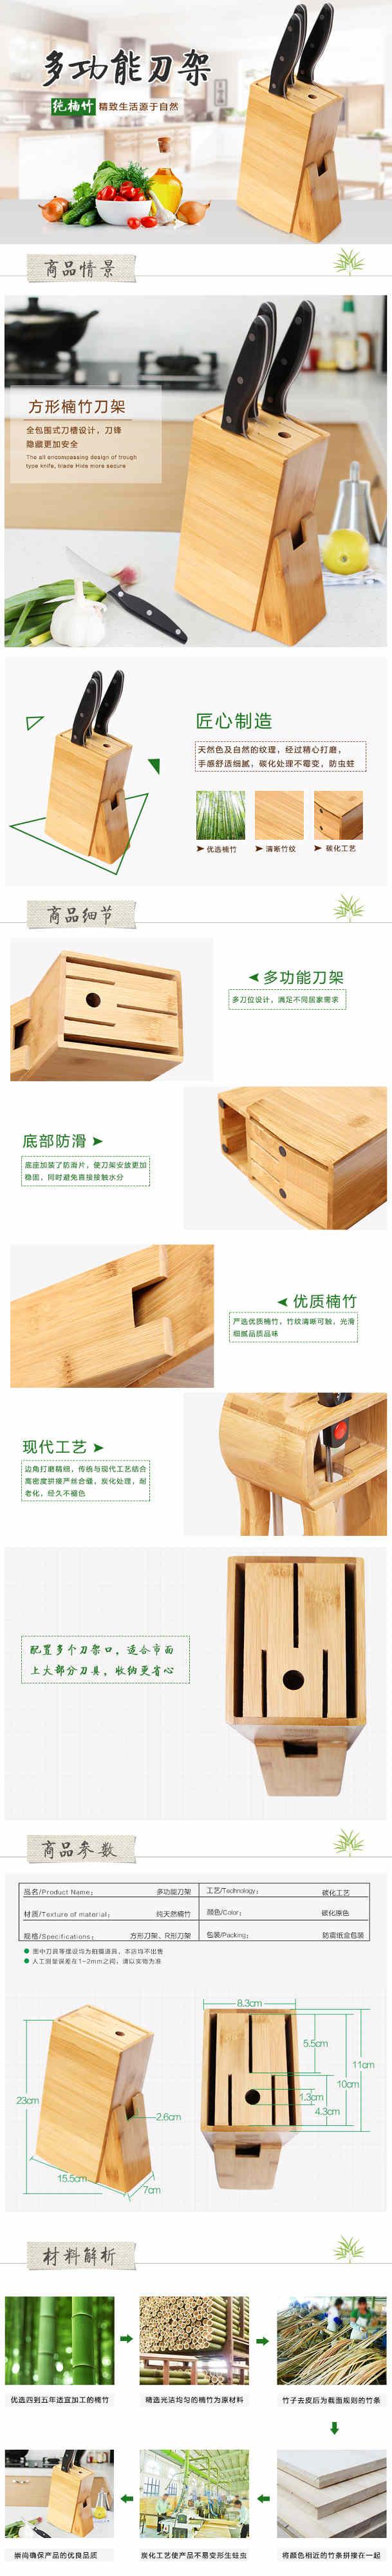 【淘寶設計】【商品詳情】楠竹刀架